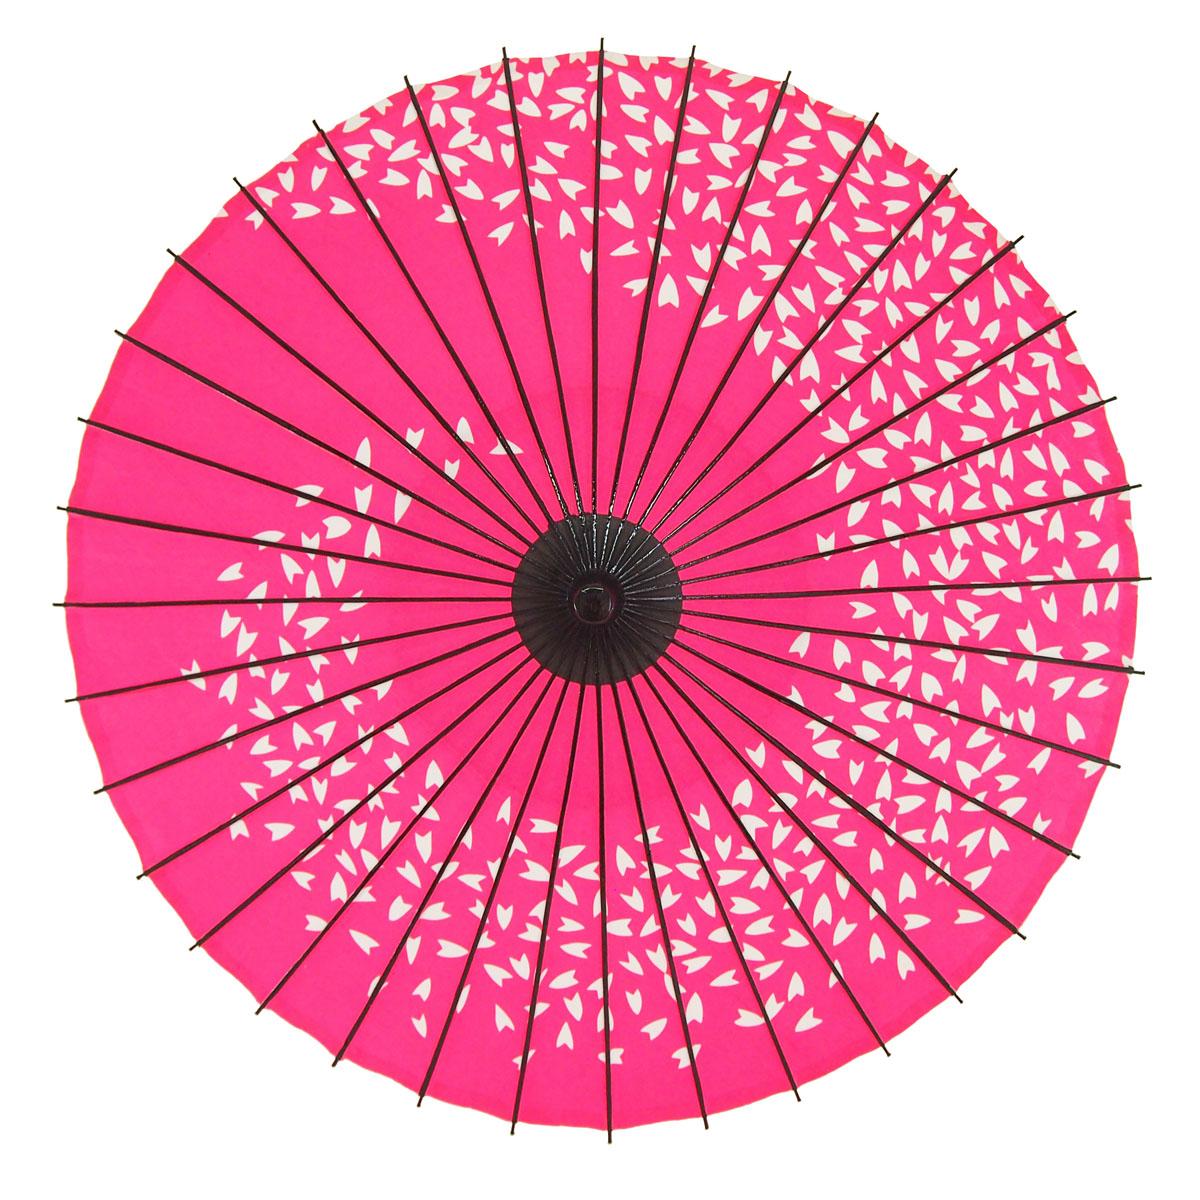 布傘 桜渦 ピンク